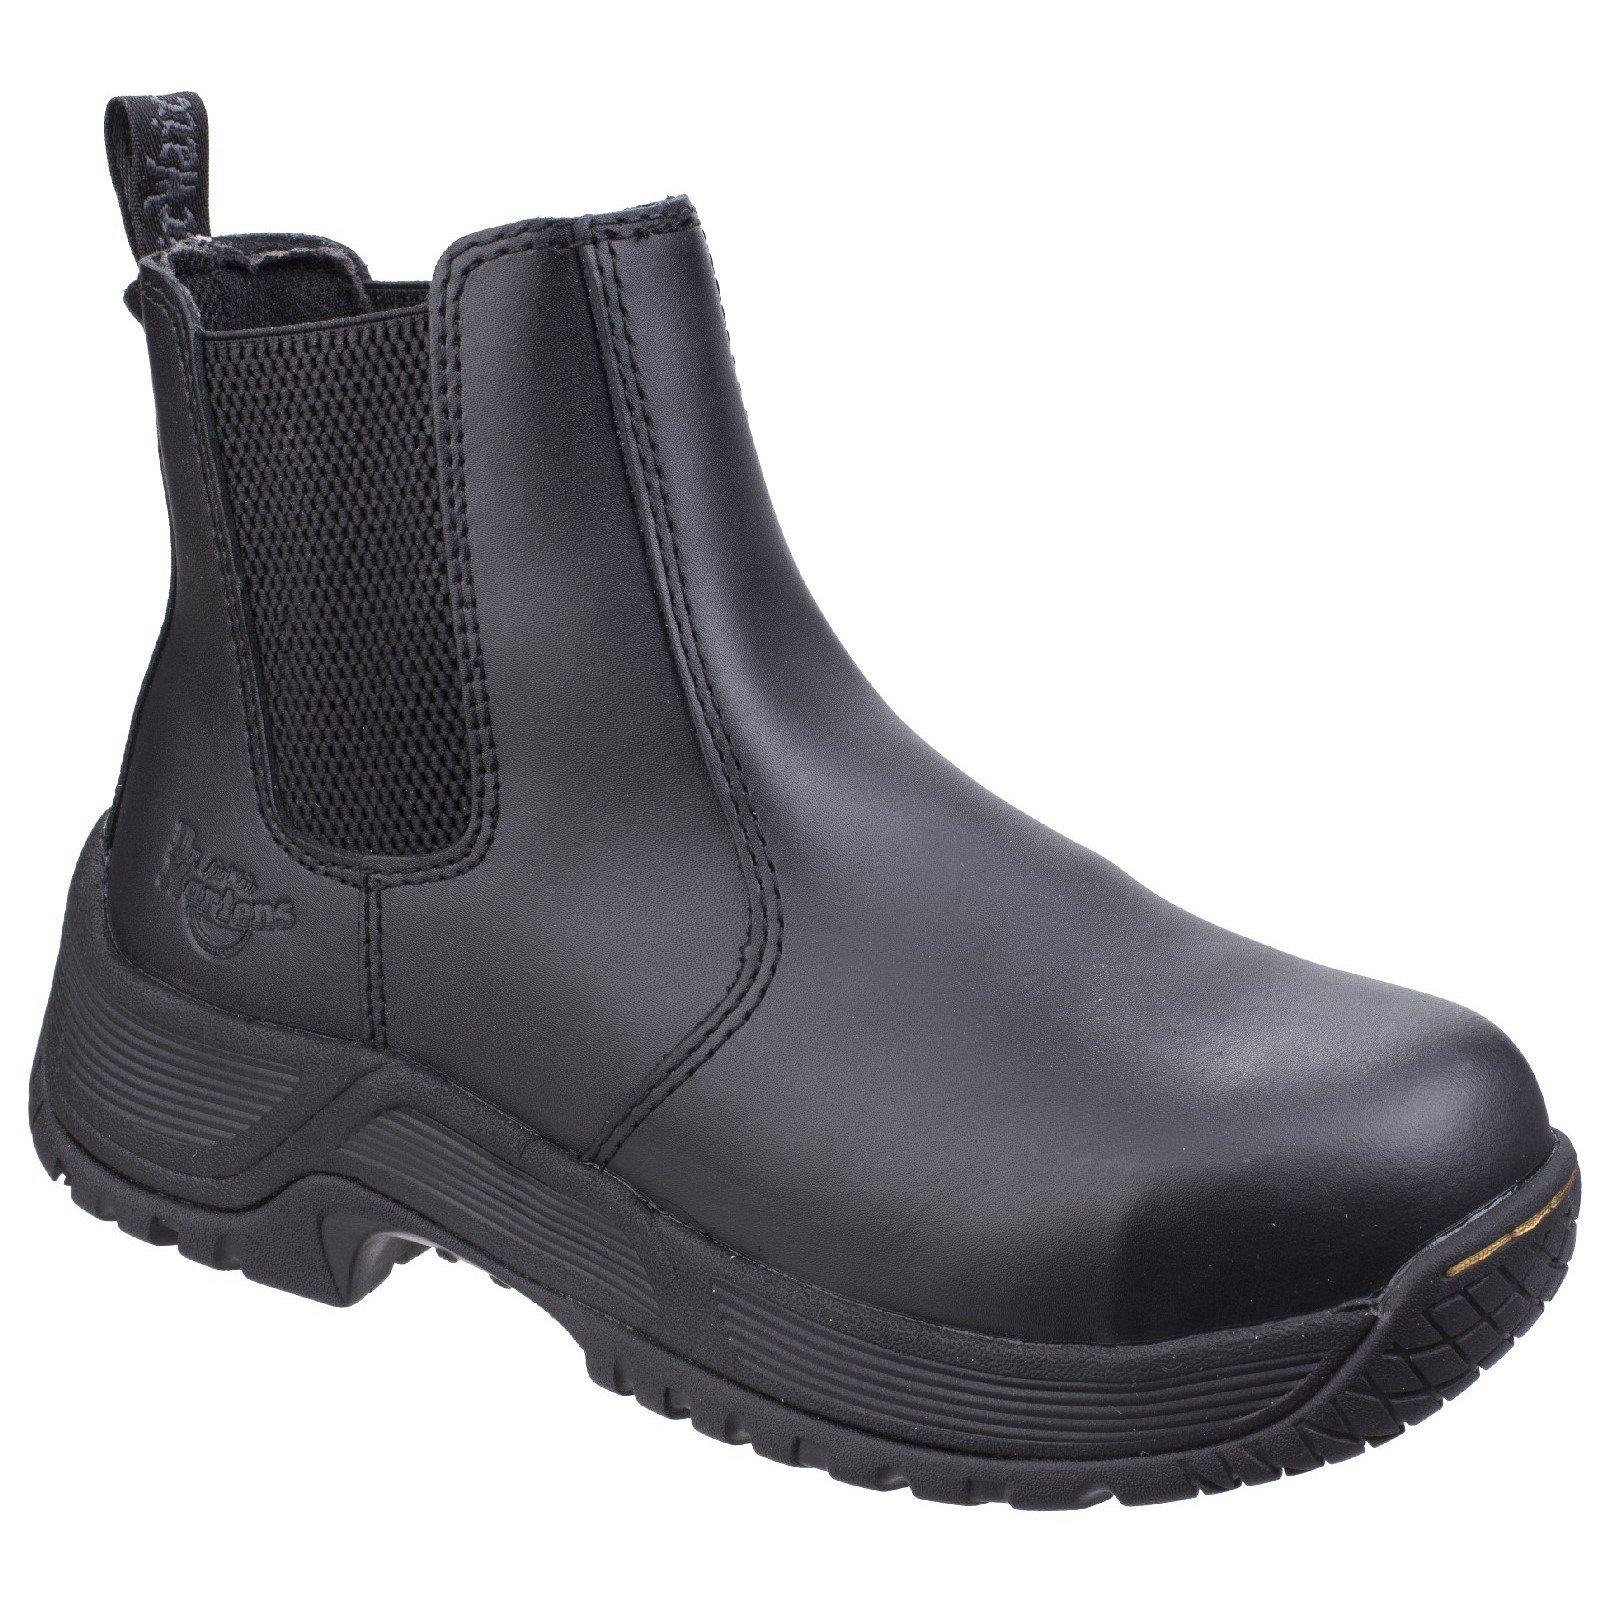 Dr Martens Men's Drakelow Safety Boot Black 26021 - Black 13